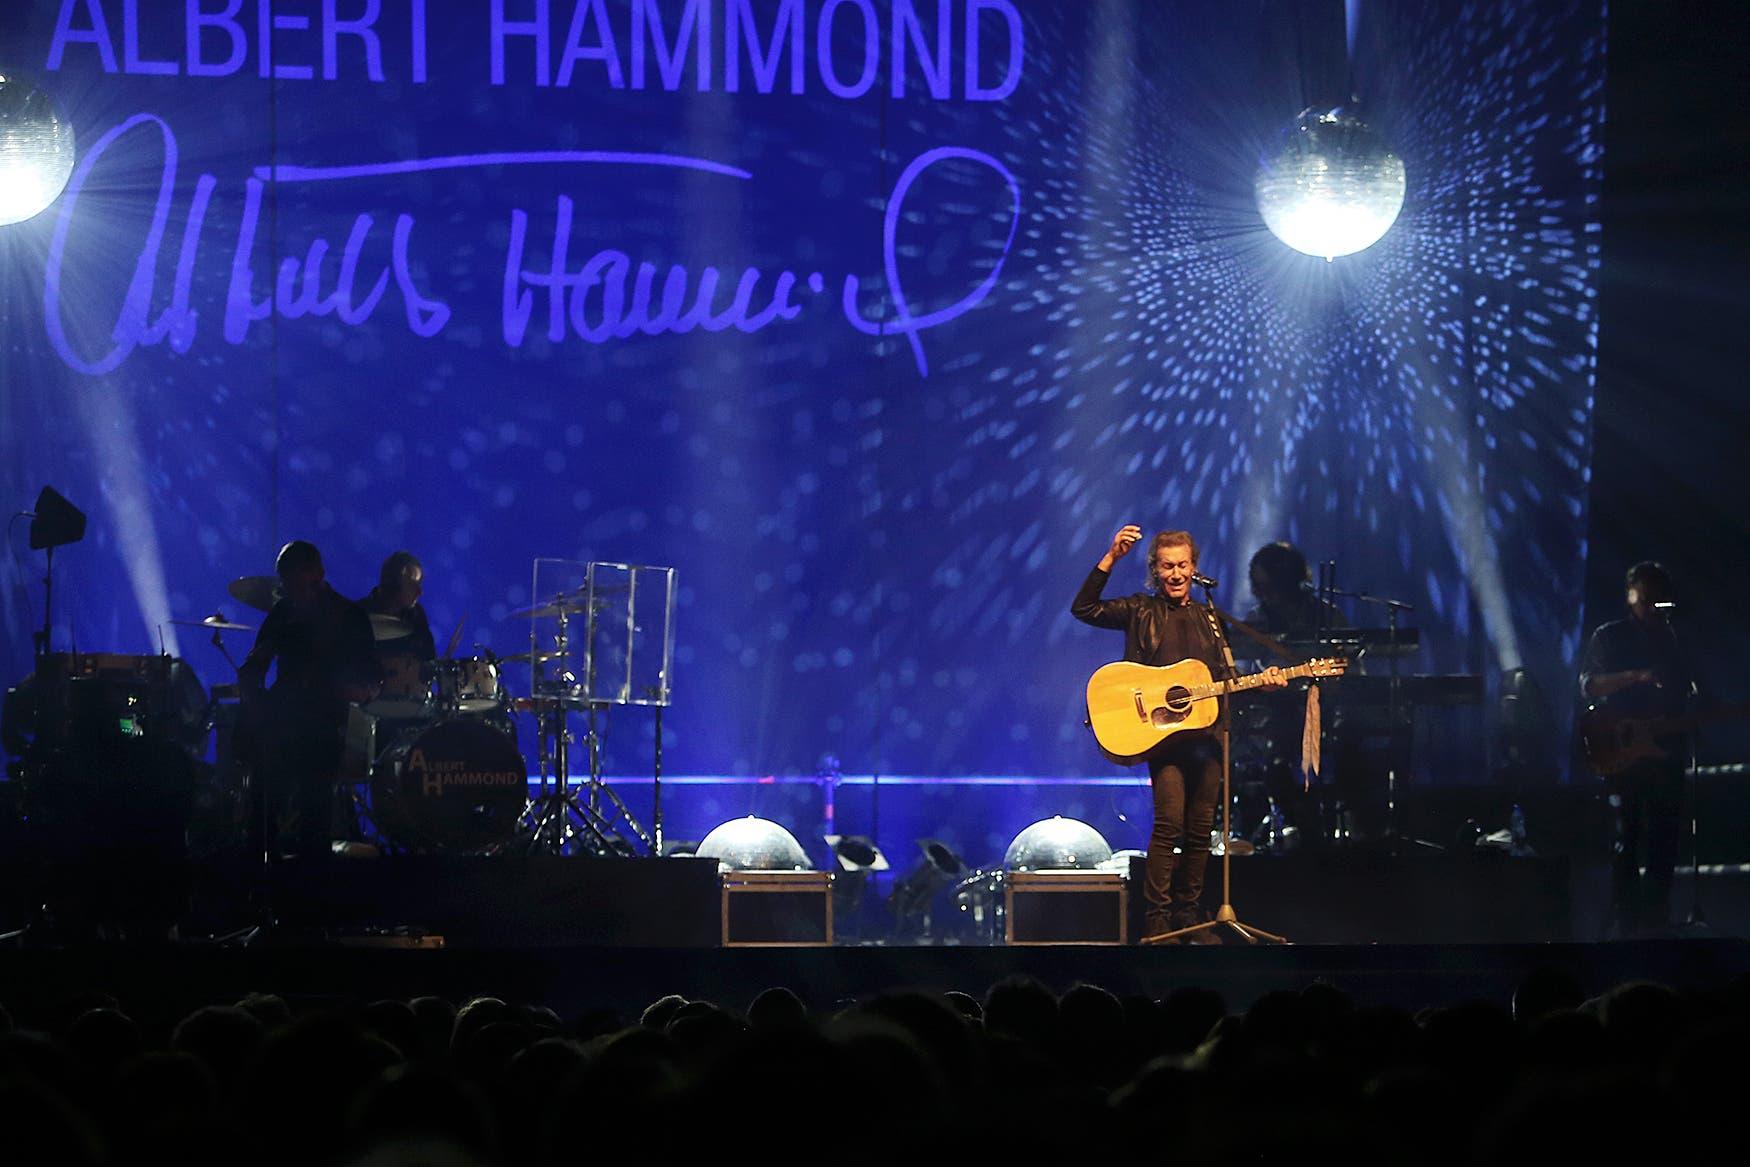 Albert Hammond auf der Bühne.